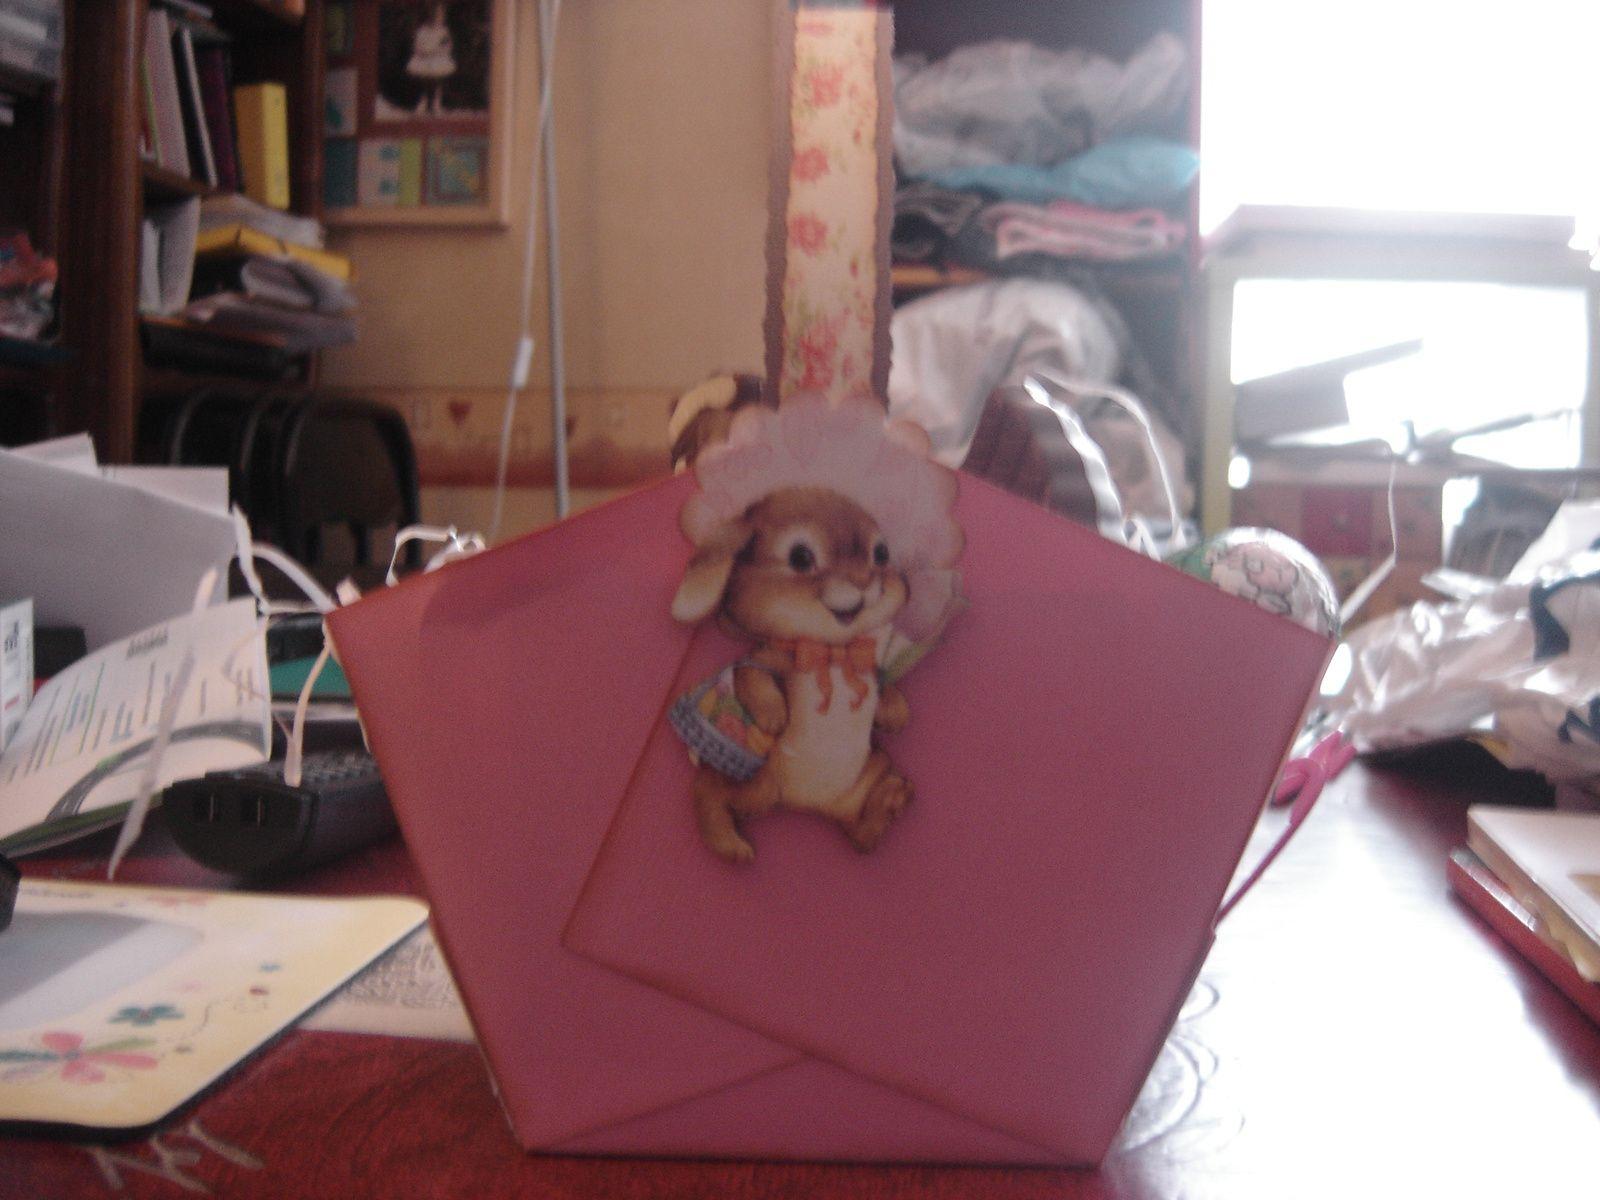 Cadeaux wue j'ai reçu.